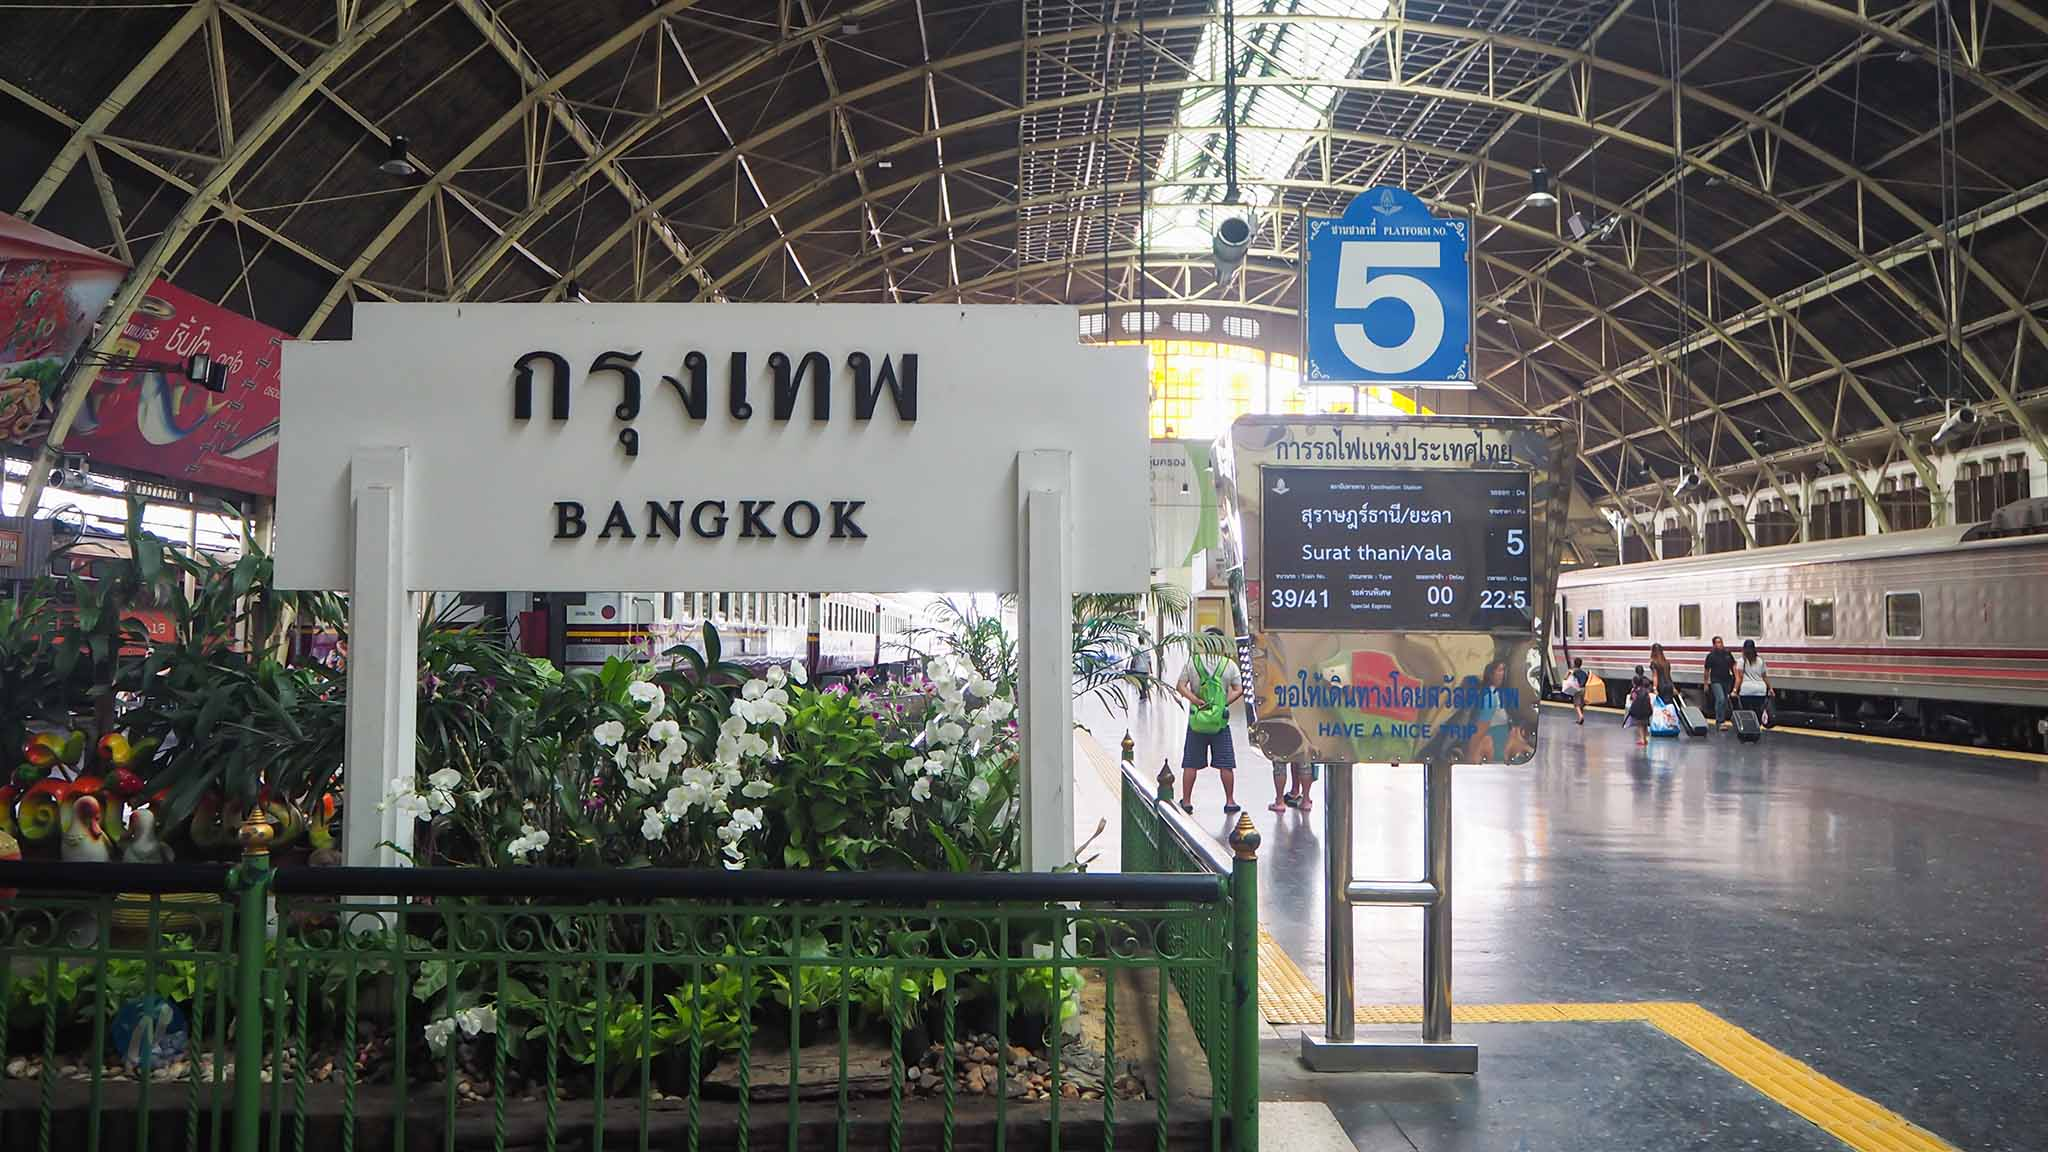 สถานีรถไฟหัวลำโพง กรุงเทพฯ